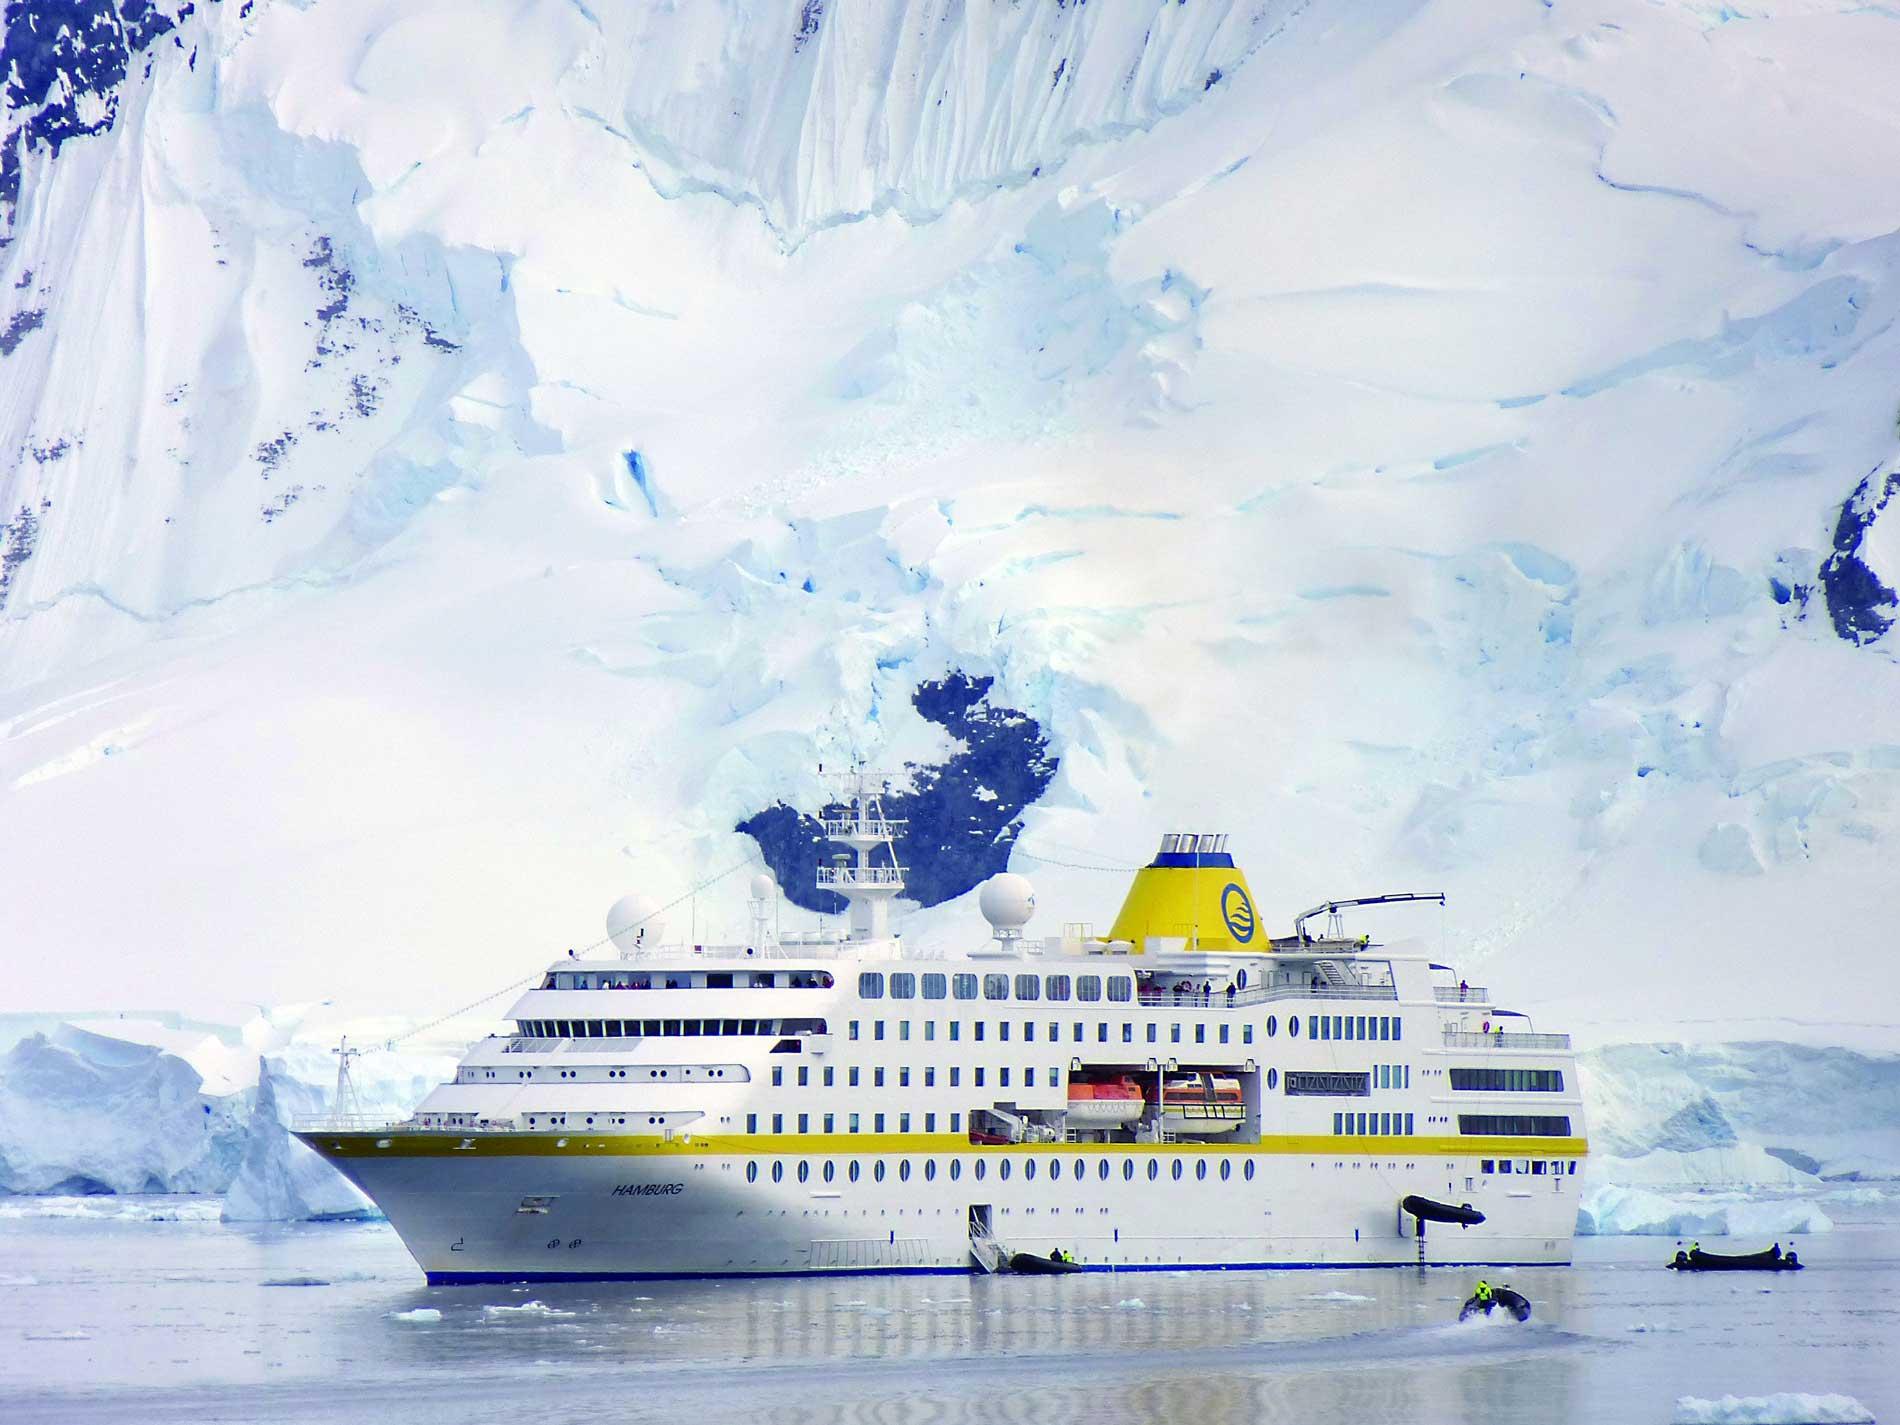 Die MS HAMBURG in der Antarktis. © PLANTOURS Kreuzfahrten / Maike Tonding